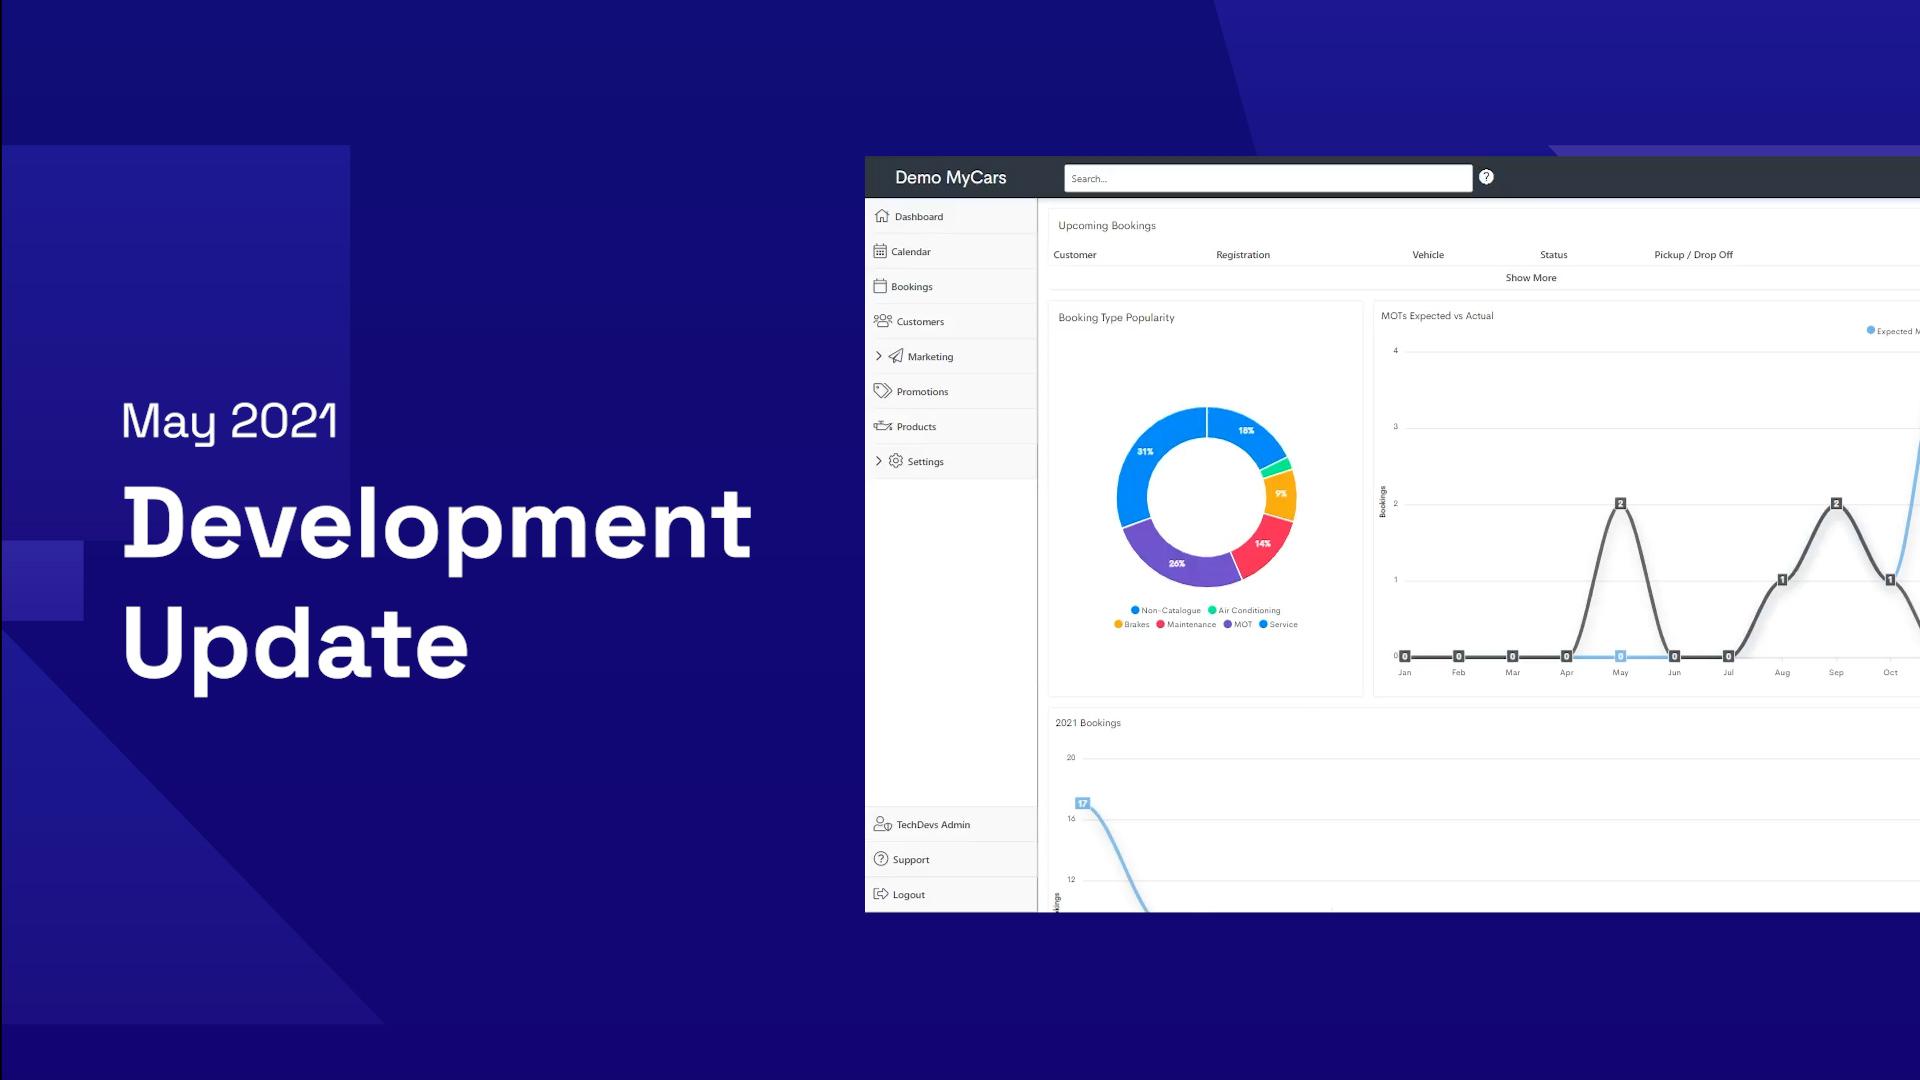 May development update screenshot.